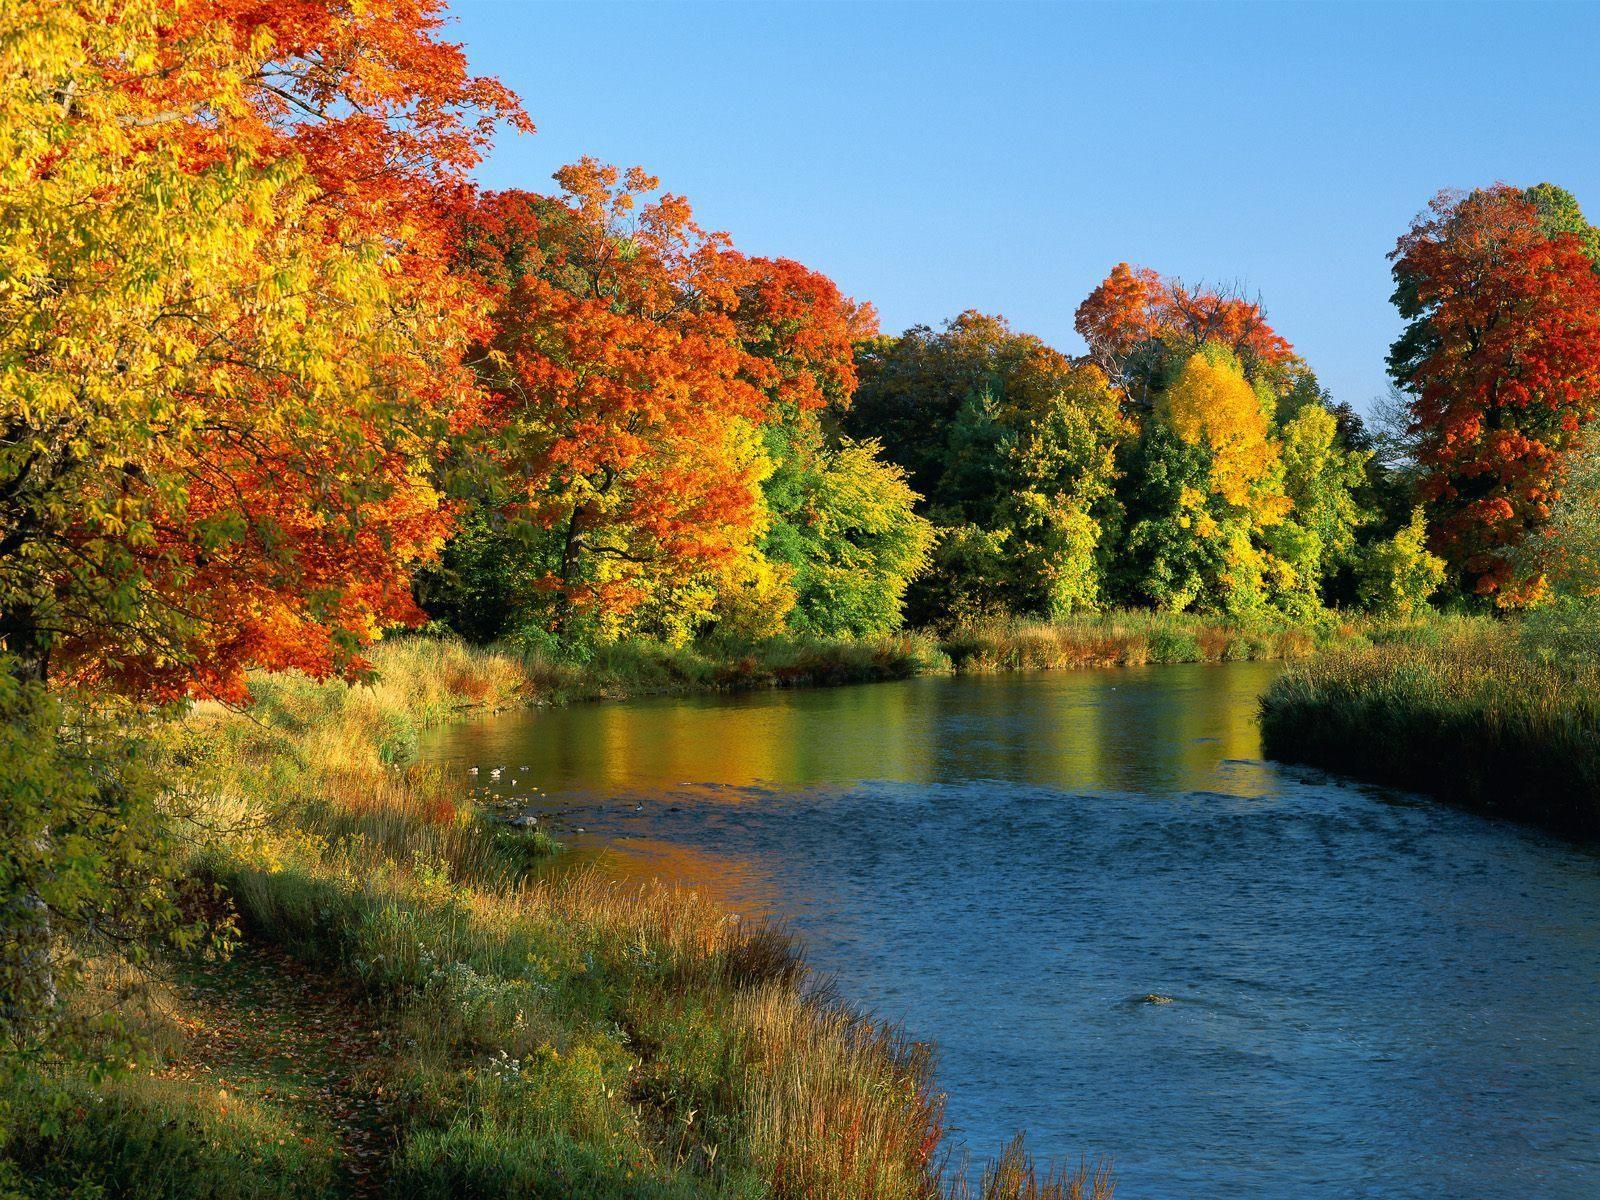 landscape backgrounds pond in autumn landscape free wallpaper in free desktop backgrounds